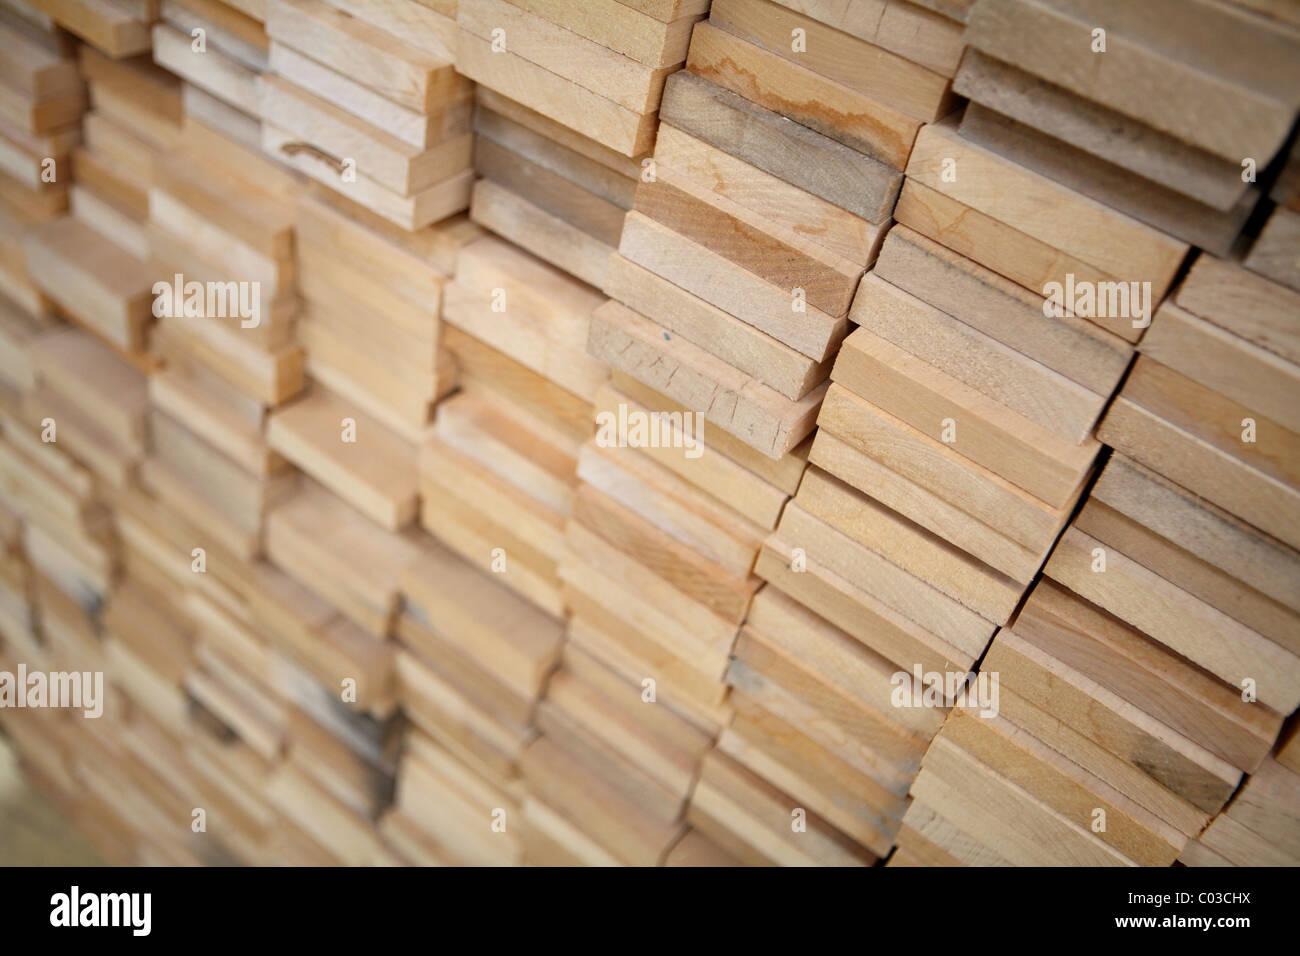 Holzplatten gestapelt Stockbild